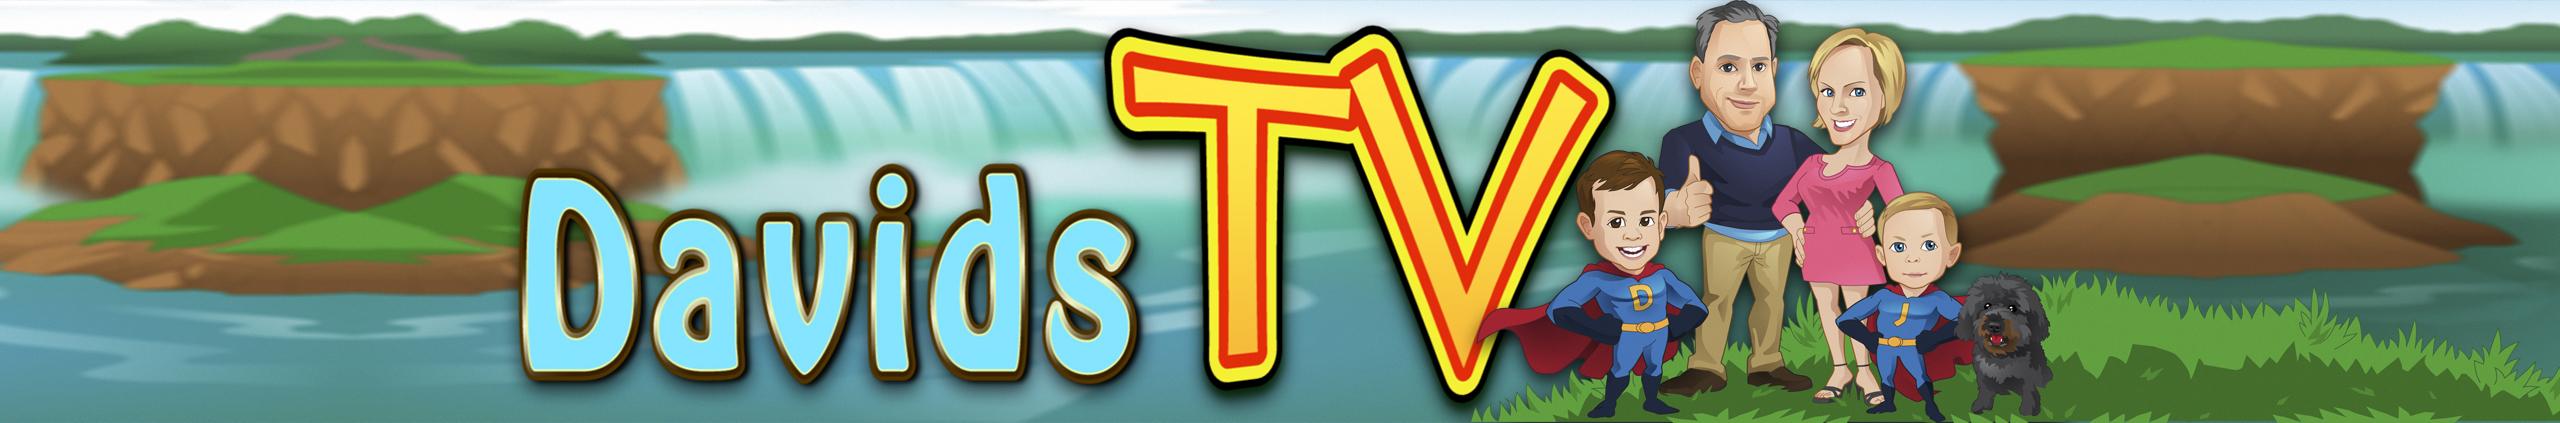 DavidsTV Skinny